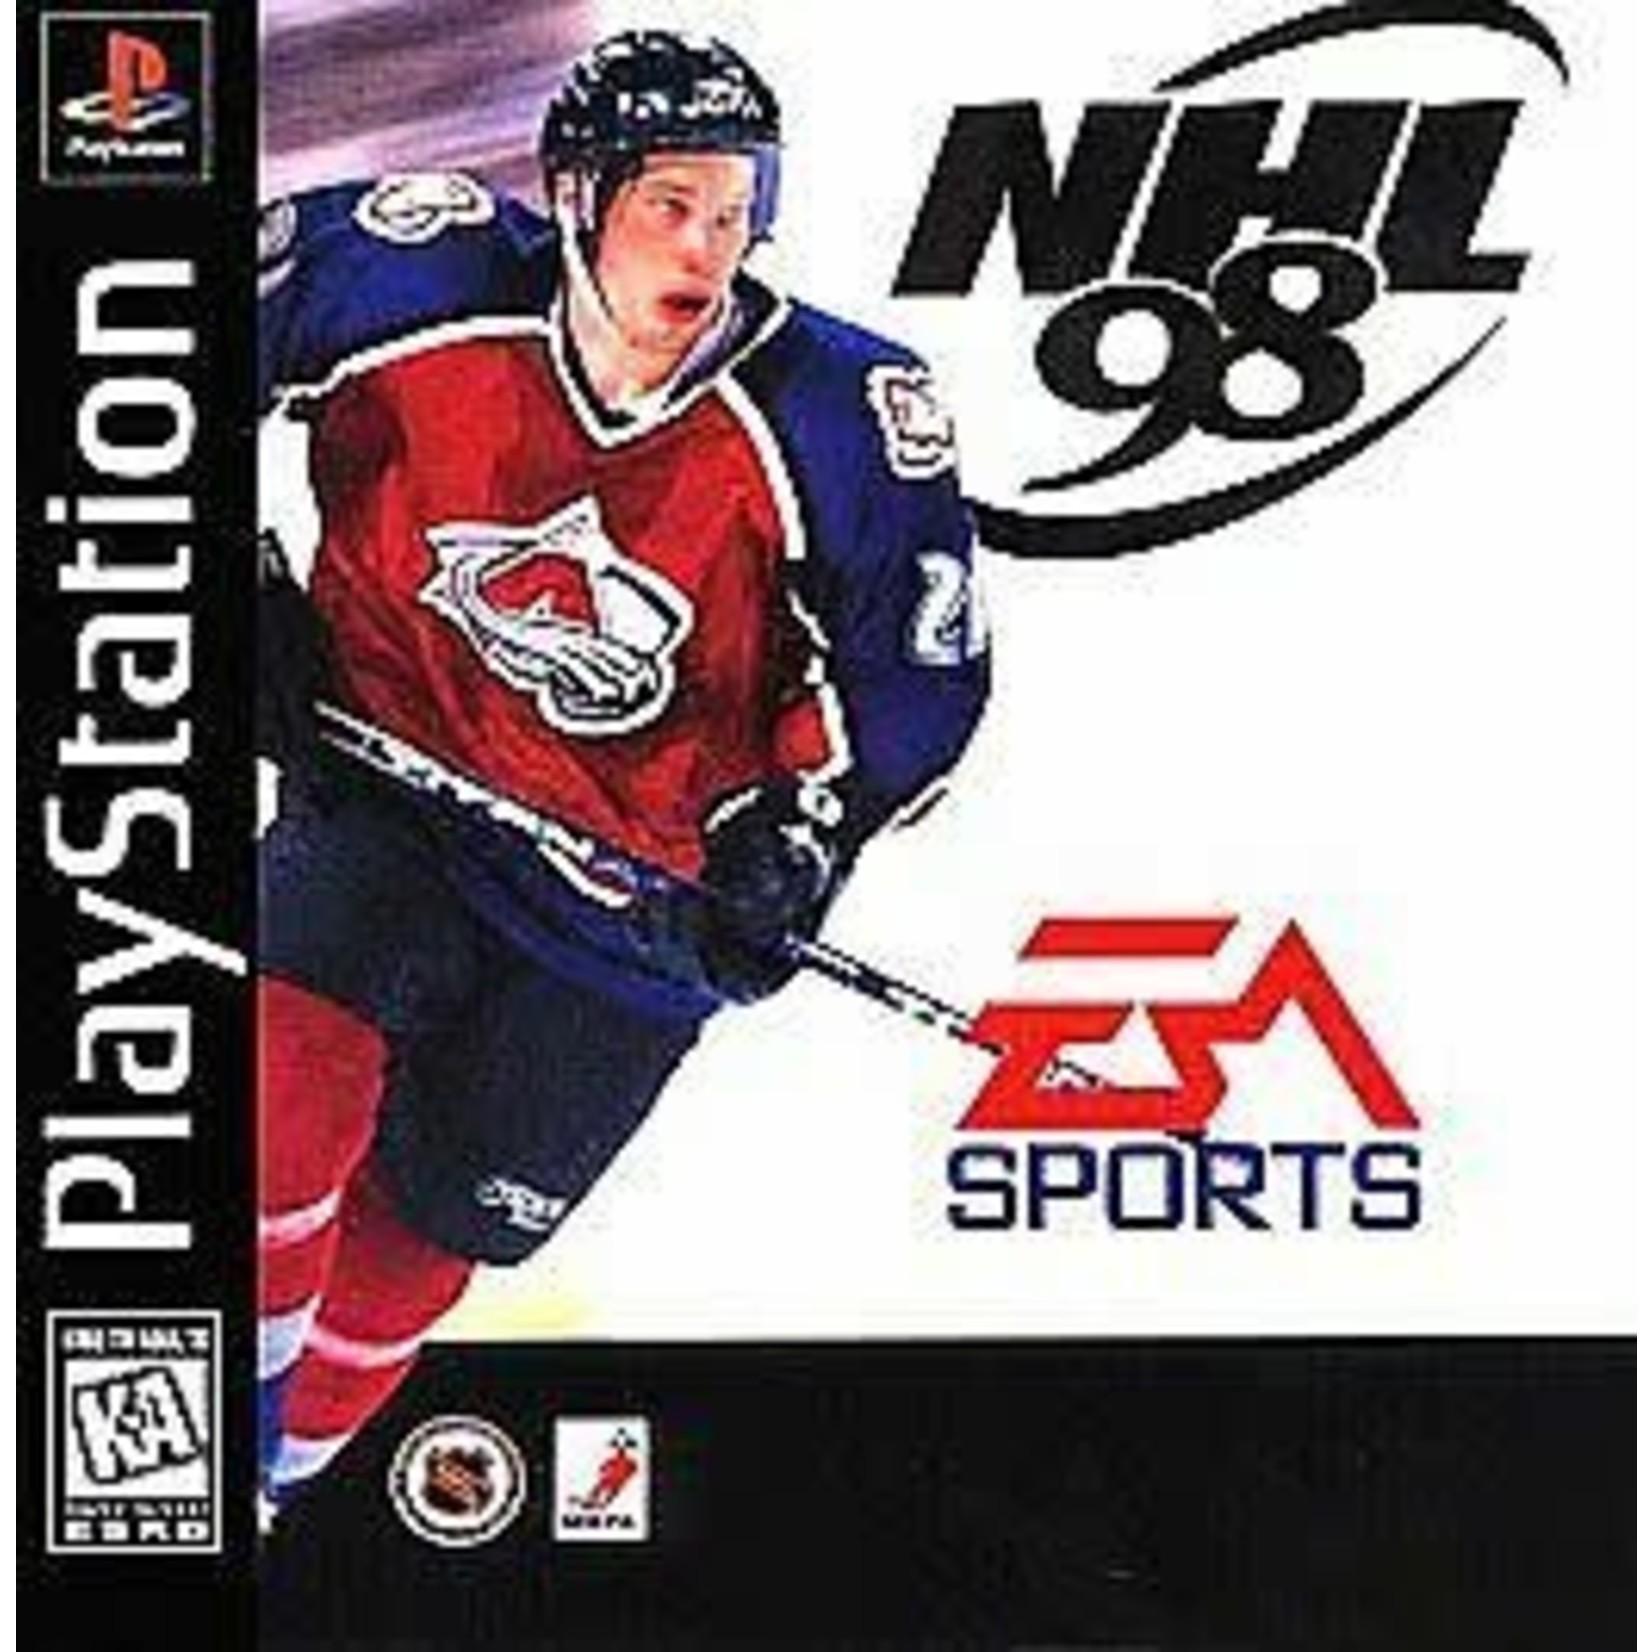 ps1u-NHL 98